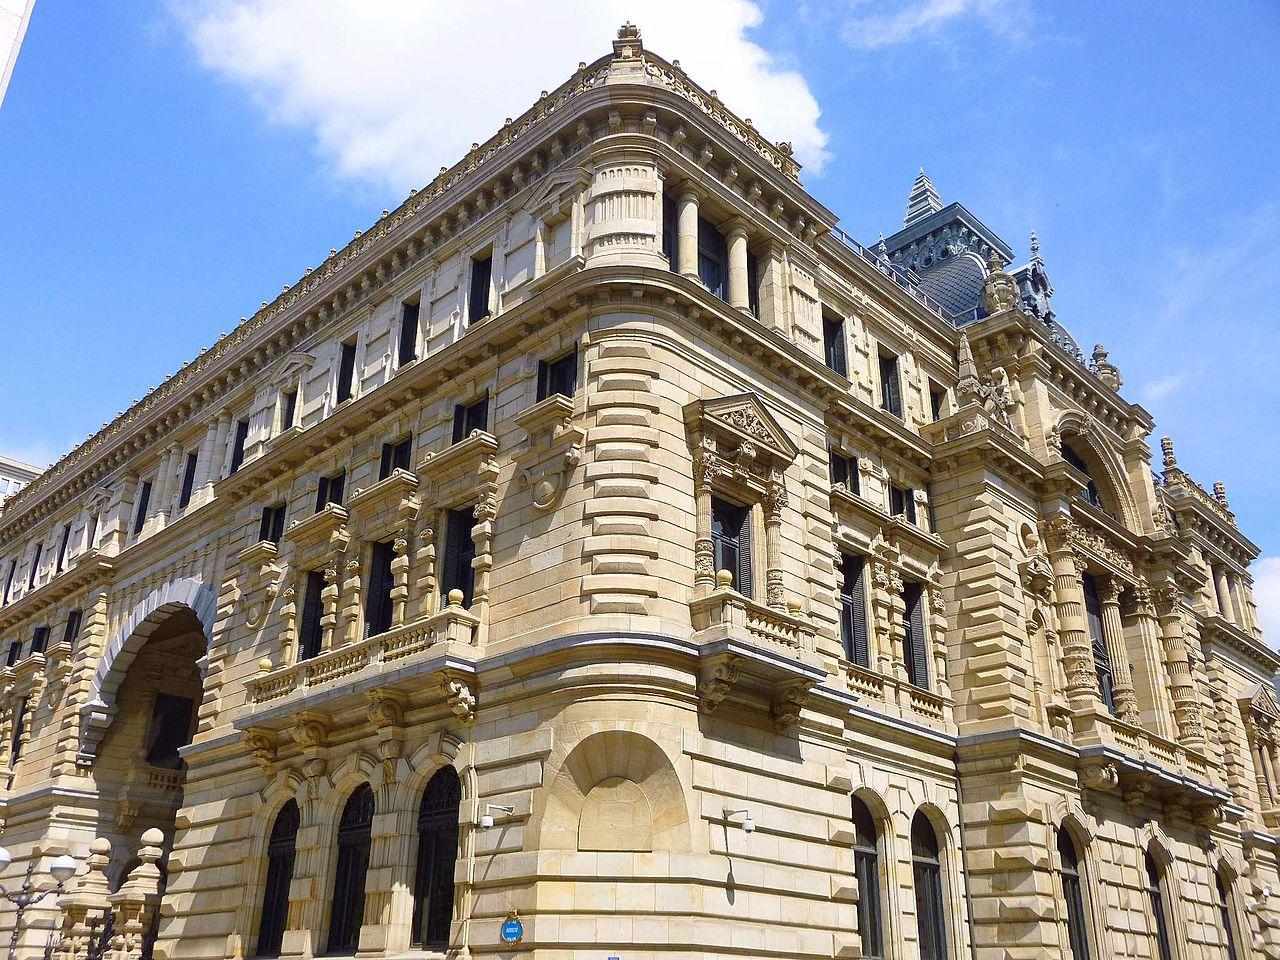 Palacio de la Diputación Foral de Vizcaya en Bilbao